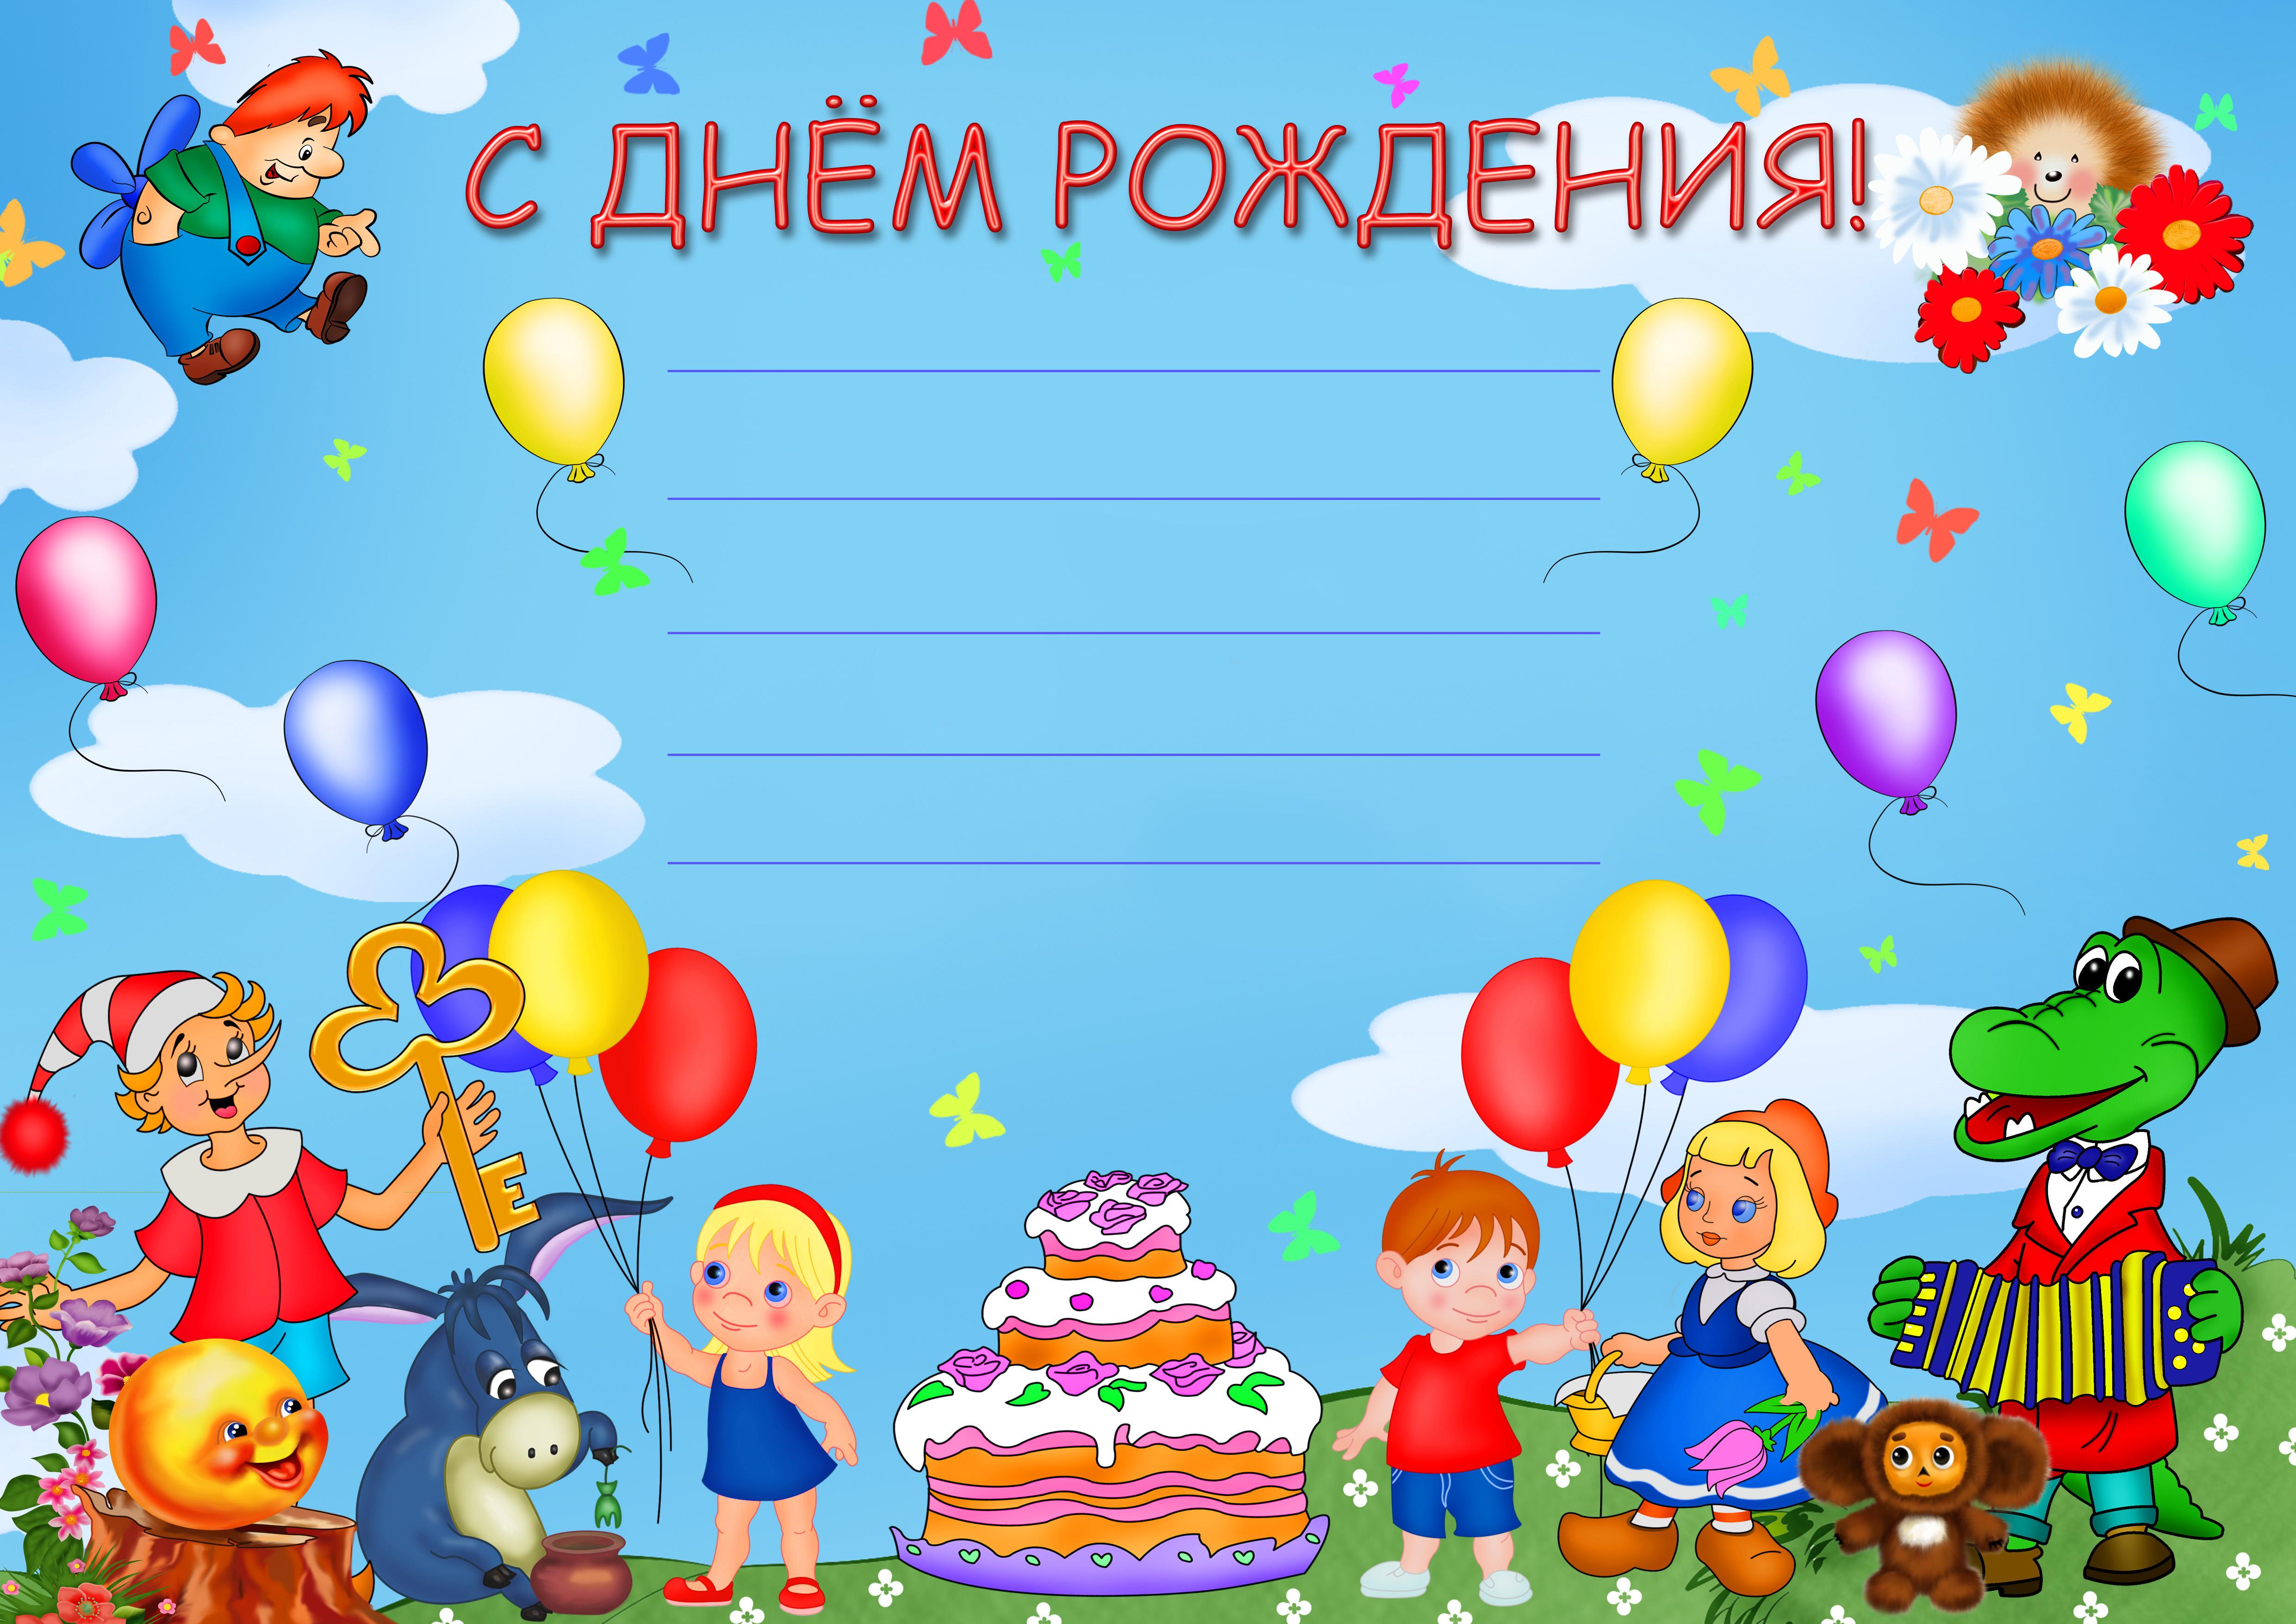 Детские поздравления на день рождения ребенку 487